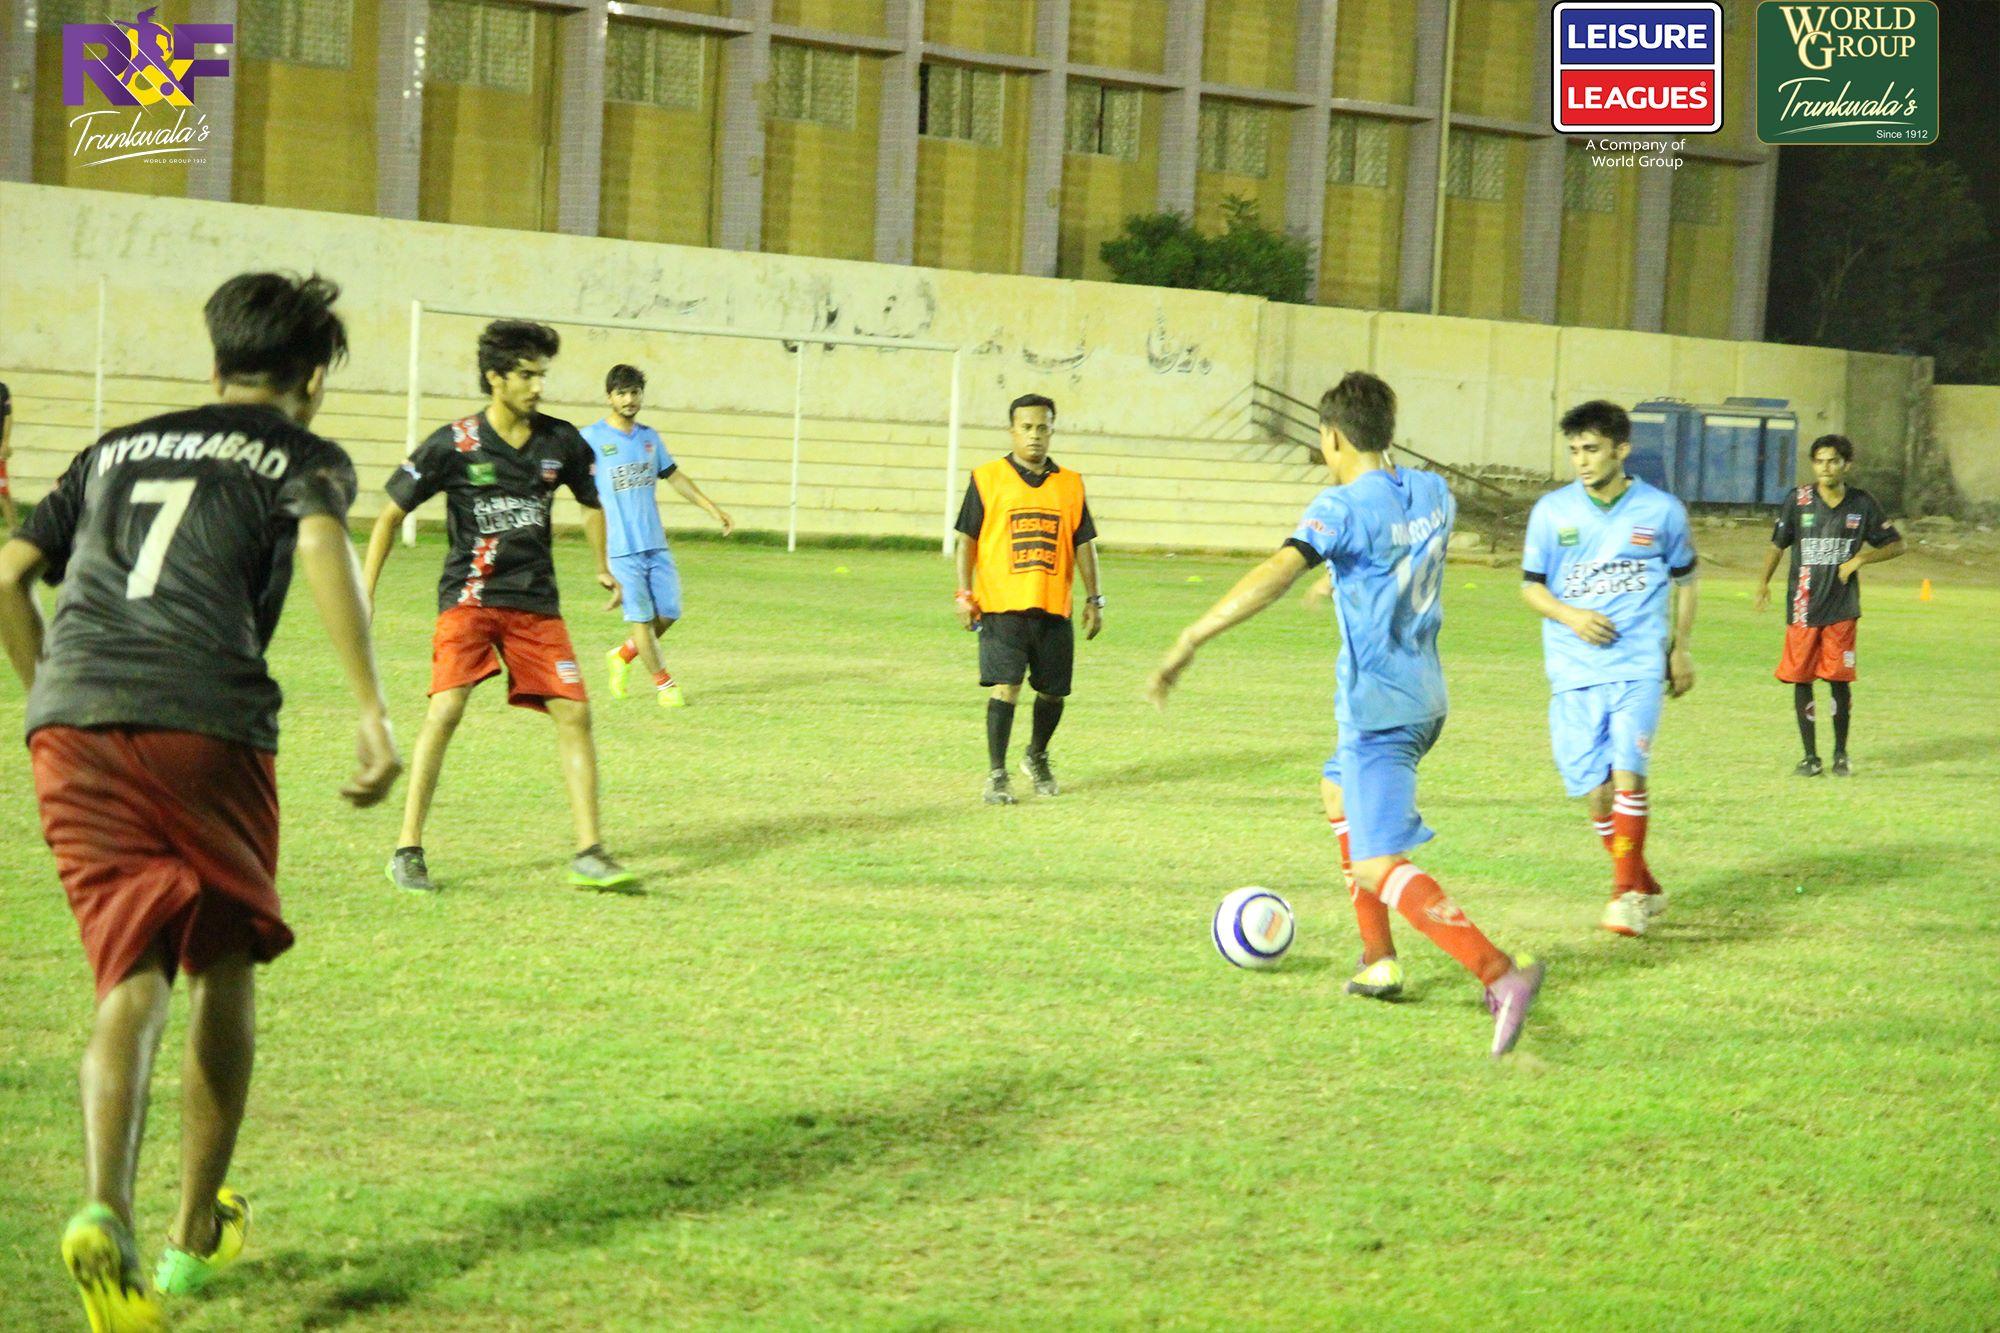 Peshawar, Karachi, Lahore, Quetta teams reach Leisure Leagues National semis [The News]